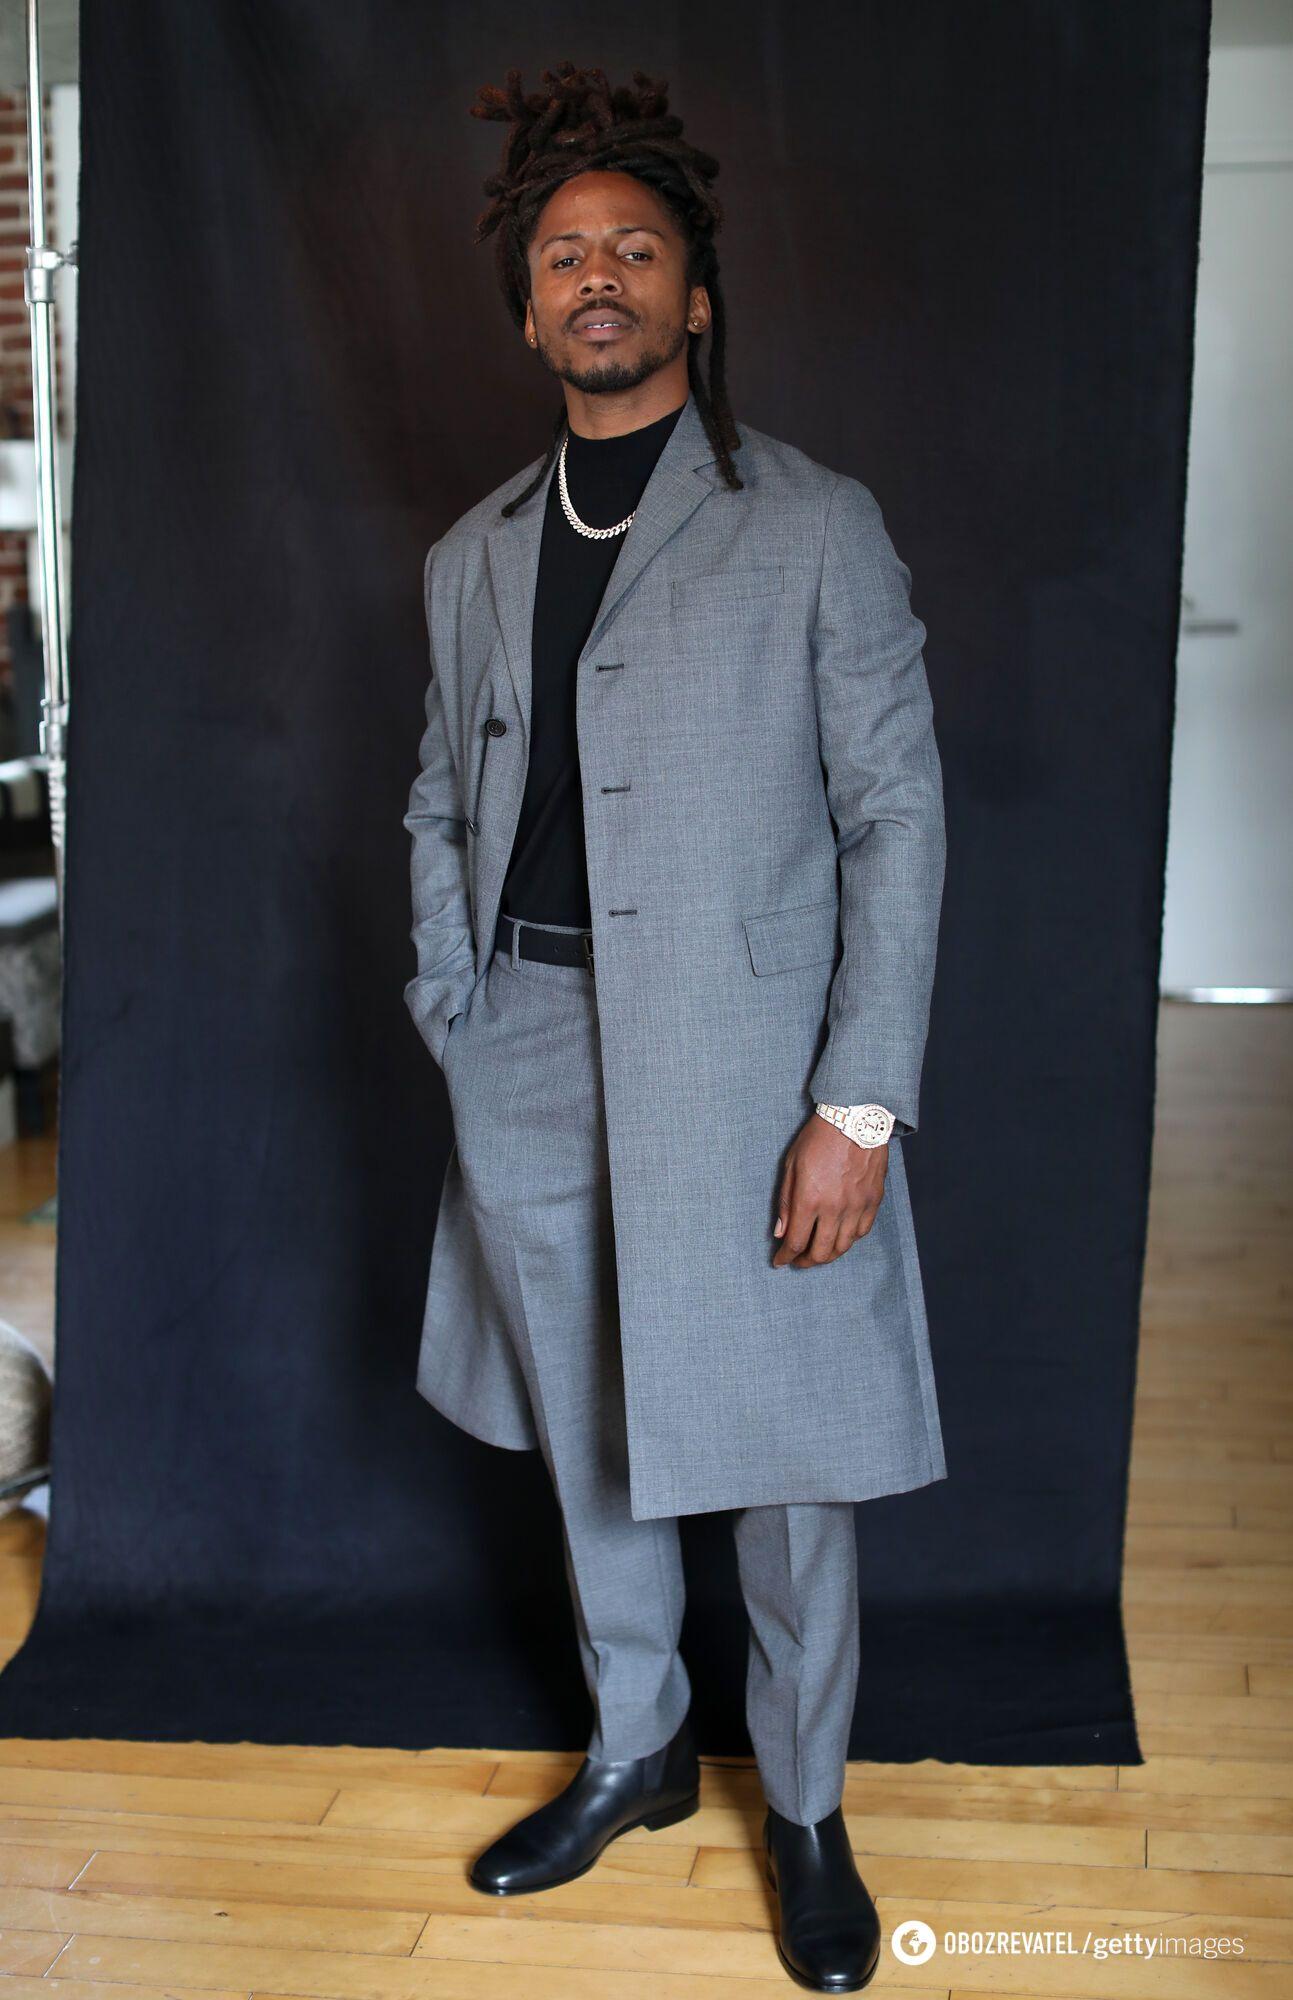 Музыкант D Smoke предстал на публике в стильном сером костюме